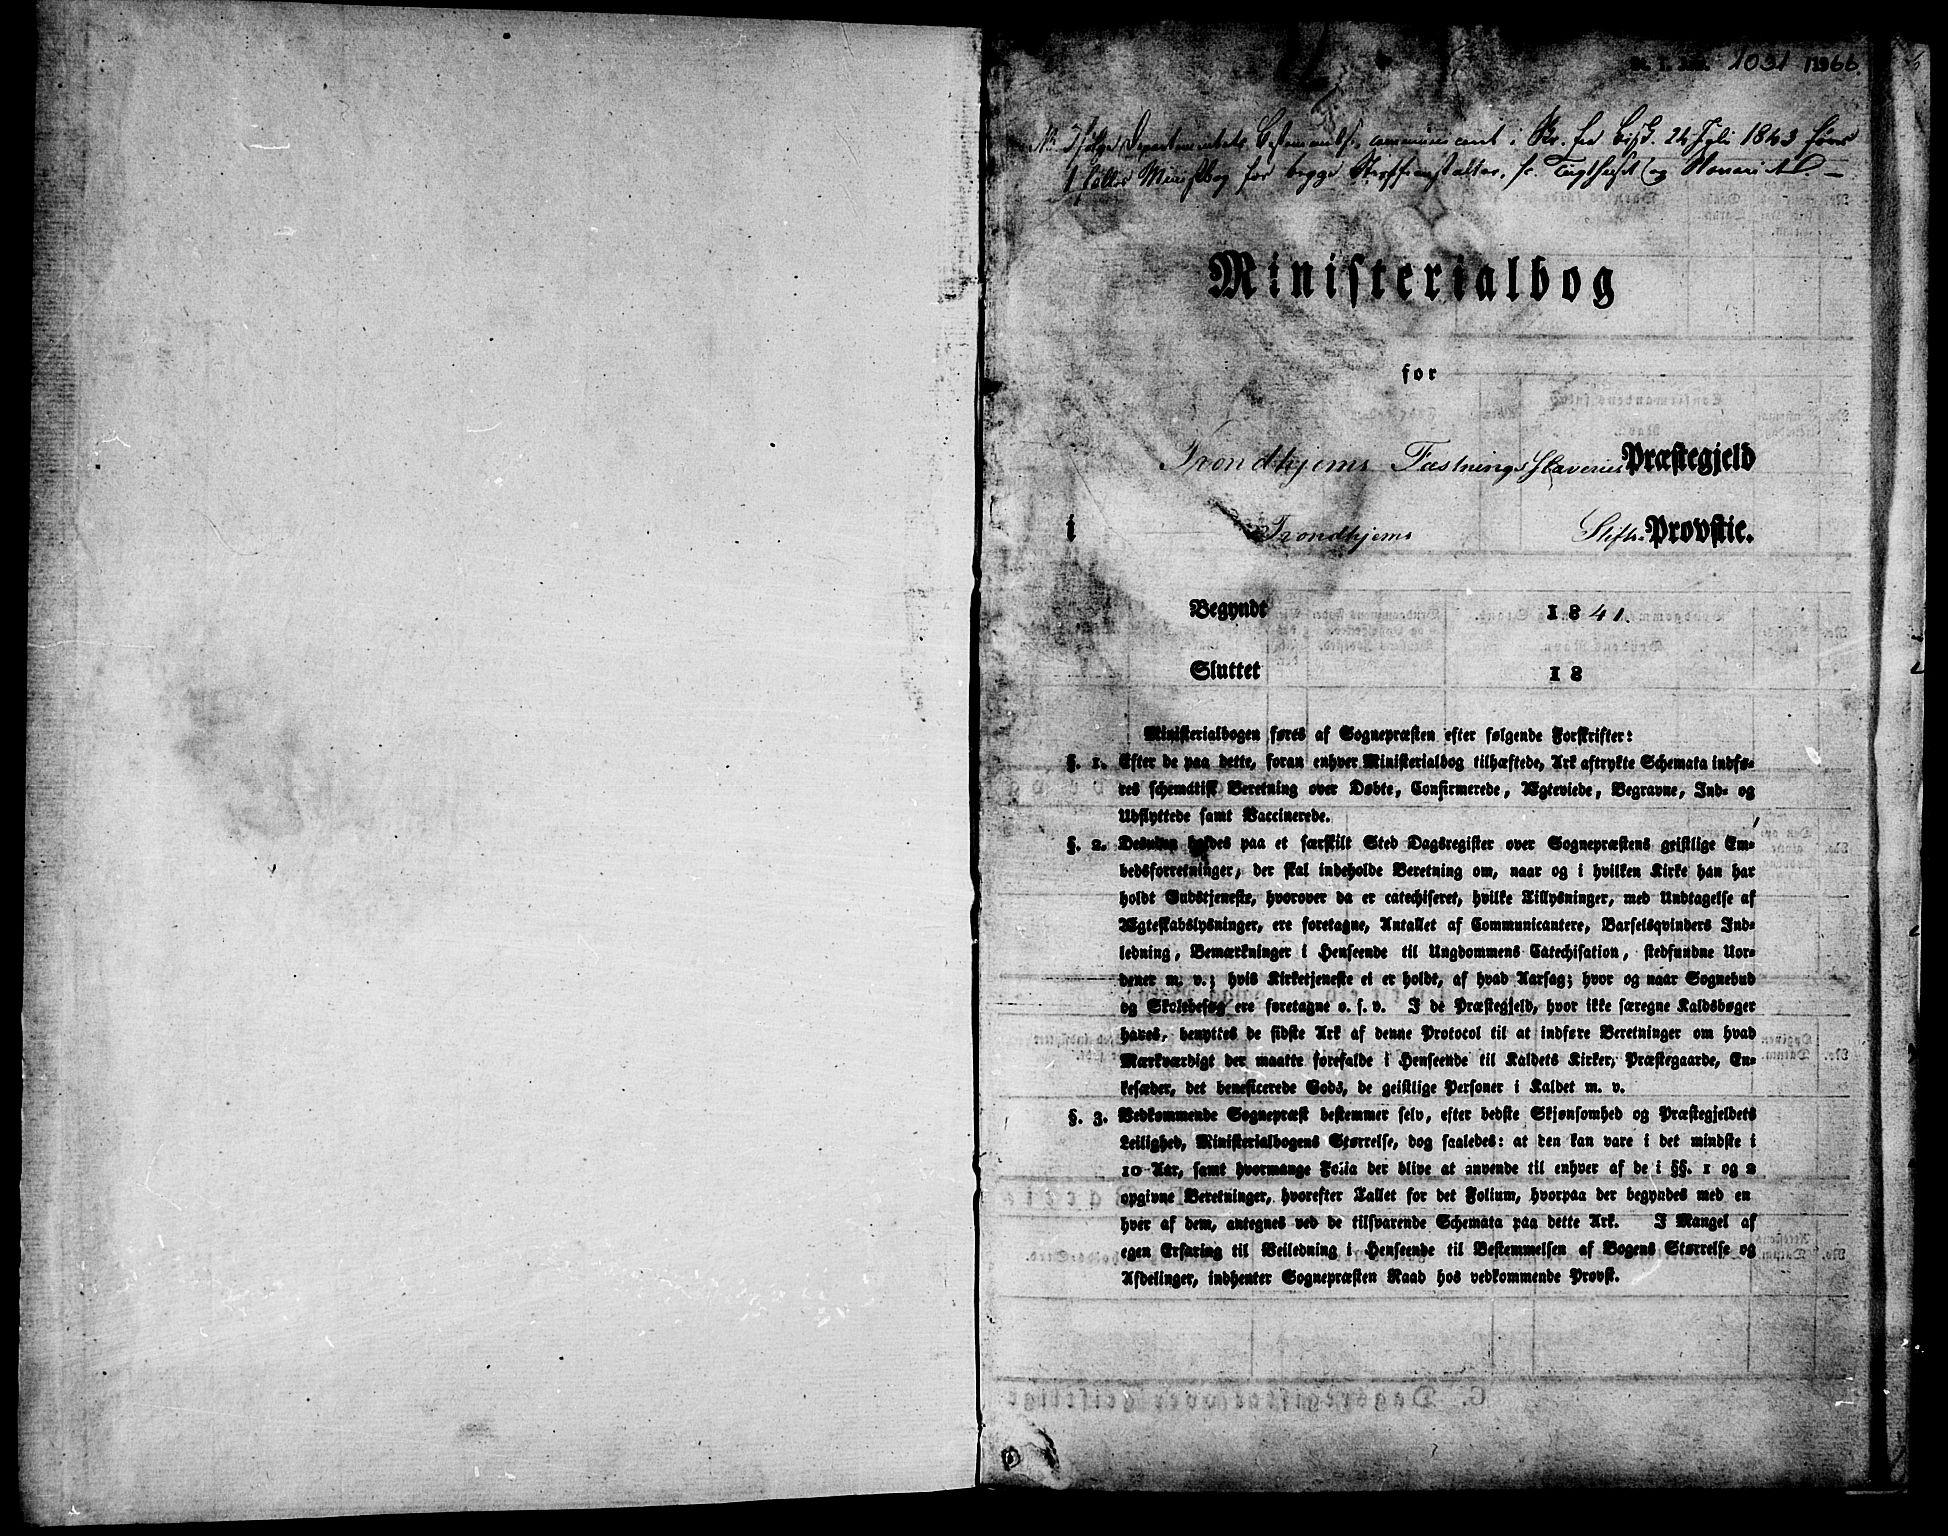 SAT, Ministerialprotokoller, klokkerbøker og fødselsregistre - Sør-Trøndelag, 624/L0481: Ministerialbok nr. 624A02, 1841-1869